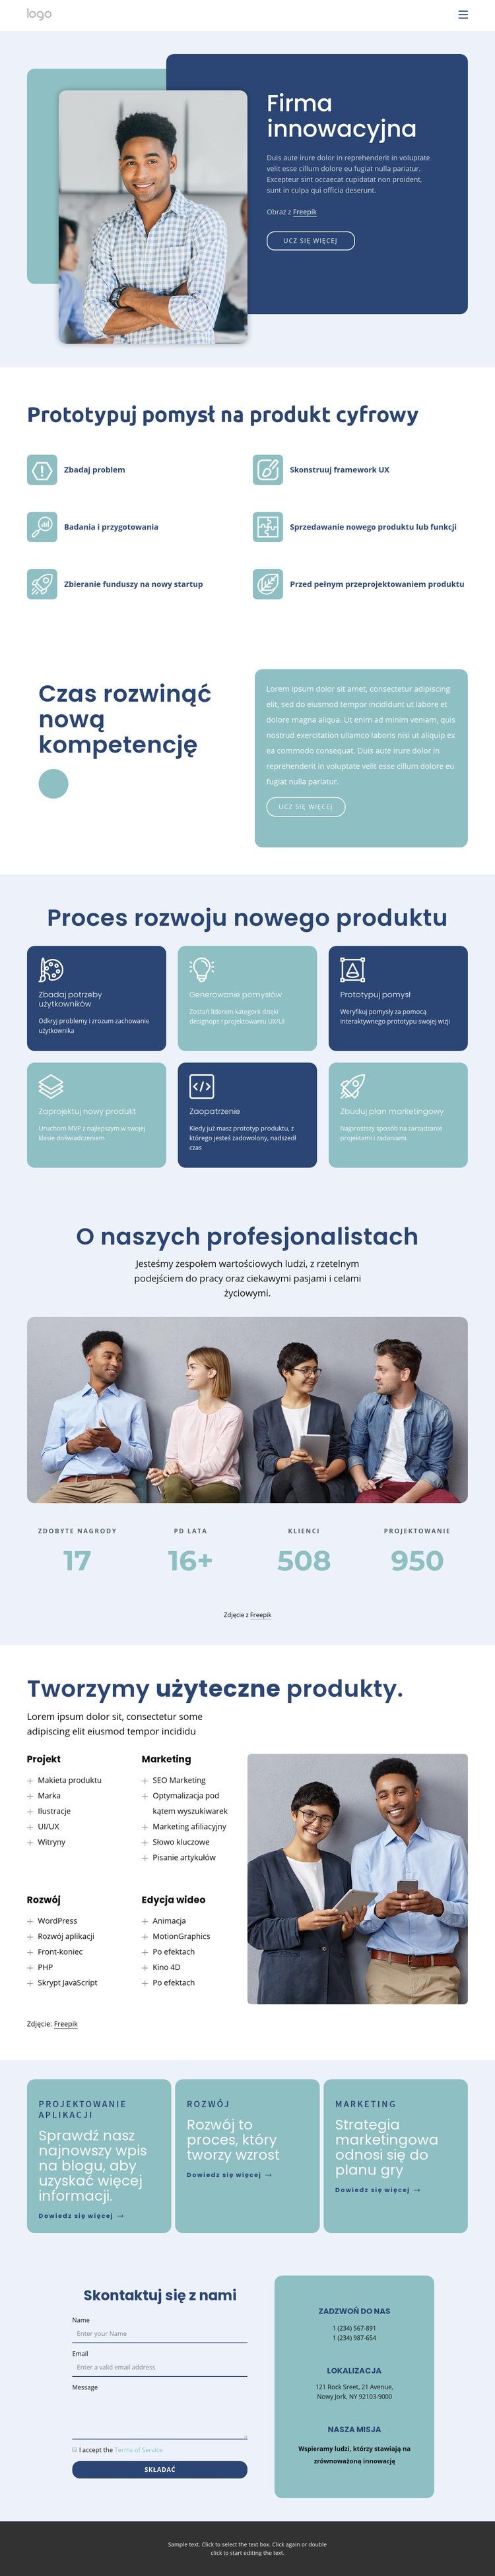 Firma innowacyjna Szablon witryny sieci Web